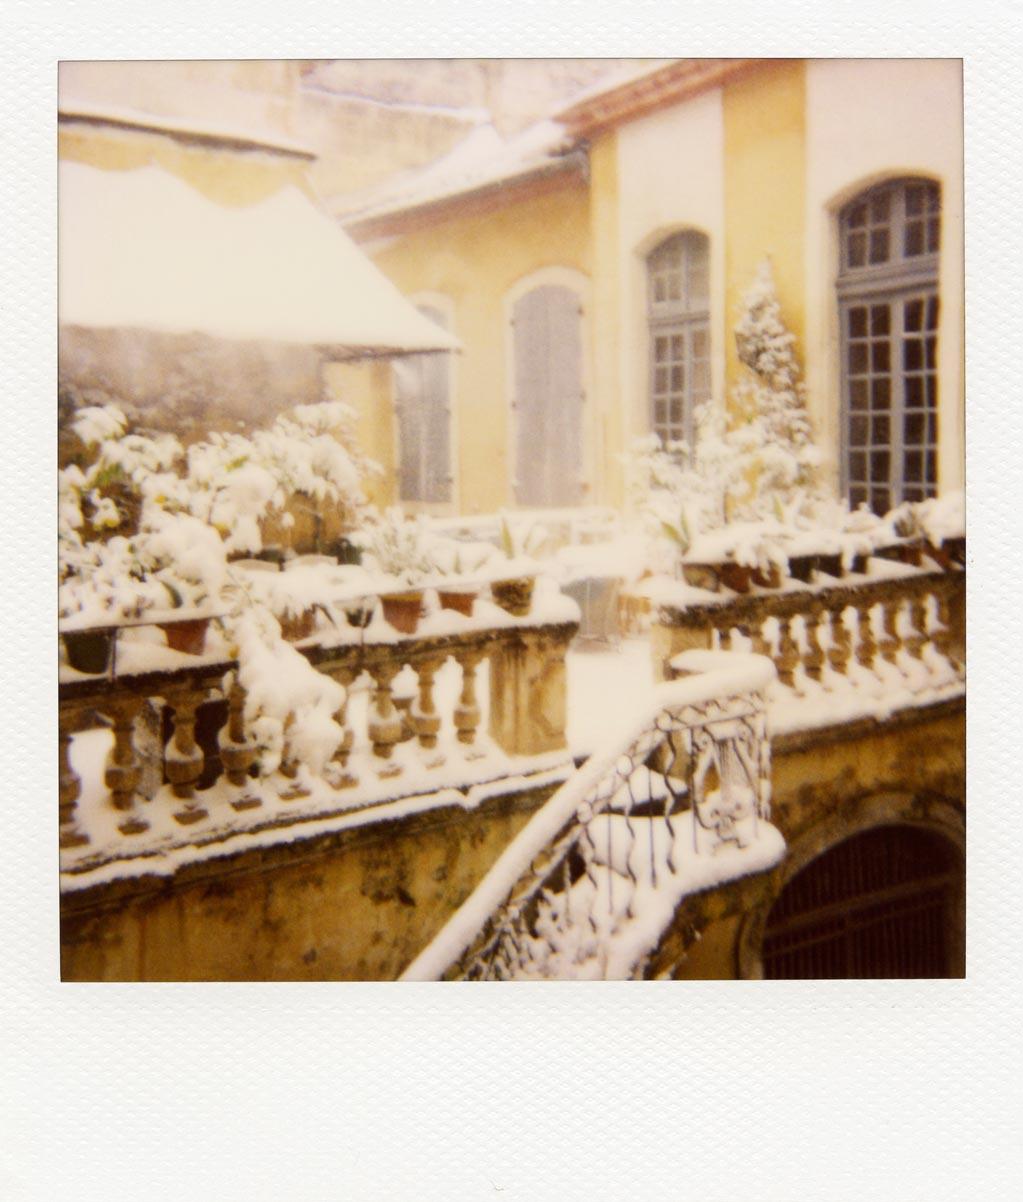 Maison-d-Arles-François-Halard-003